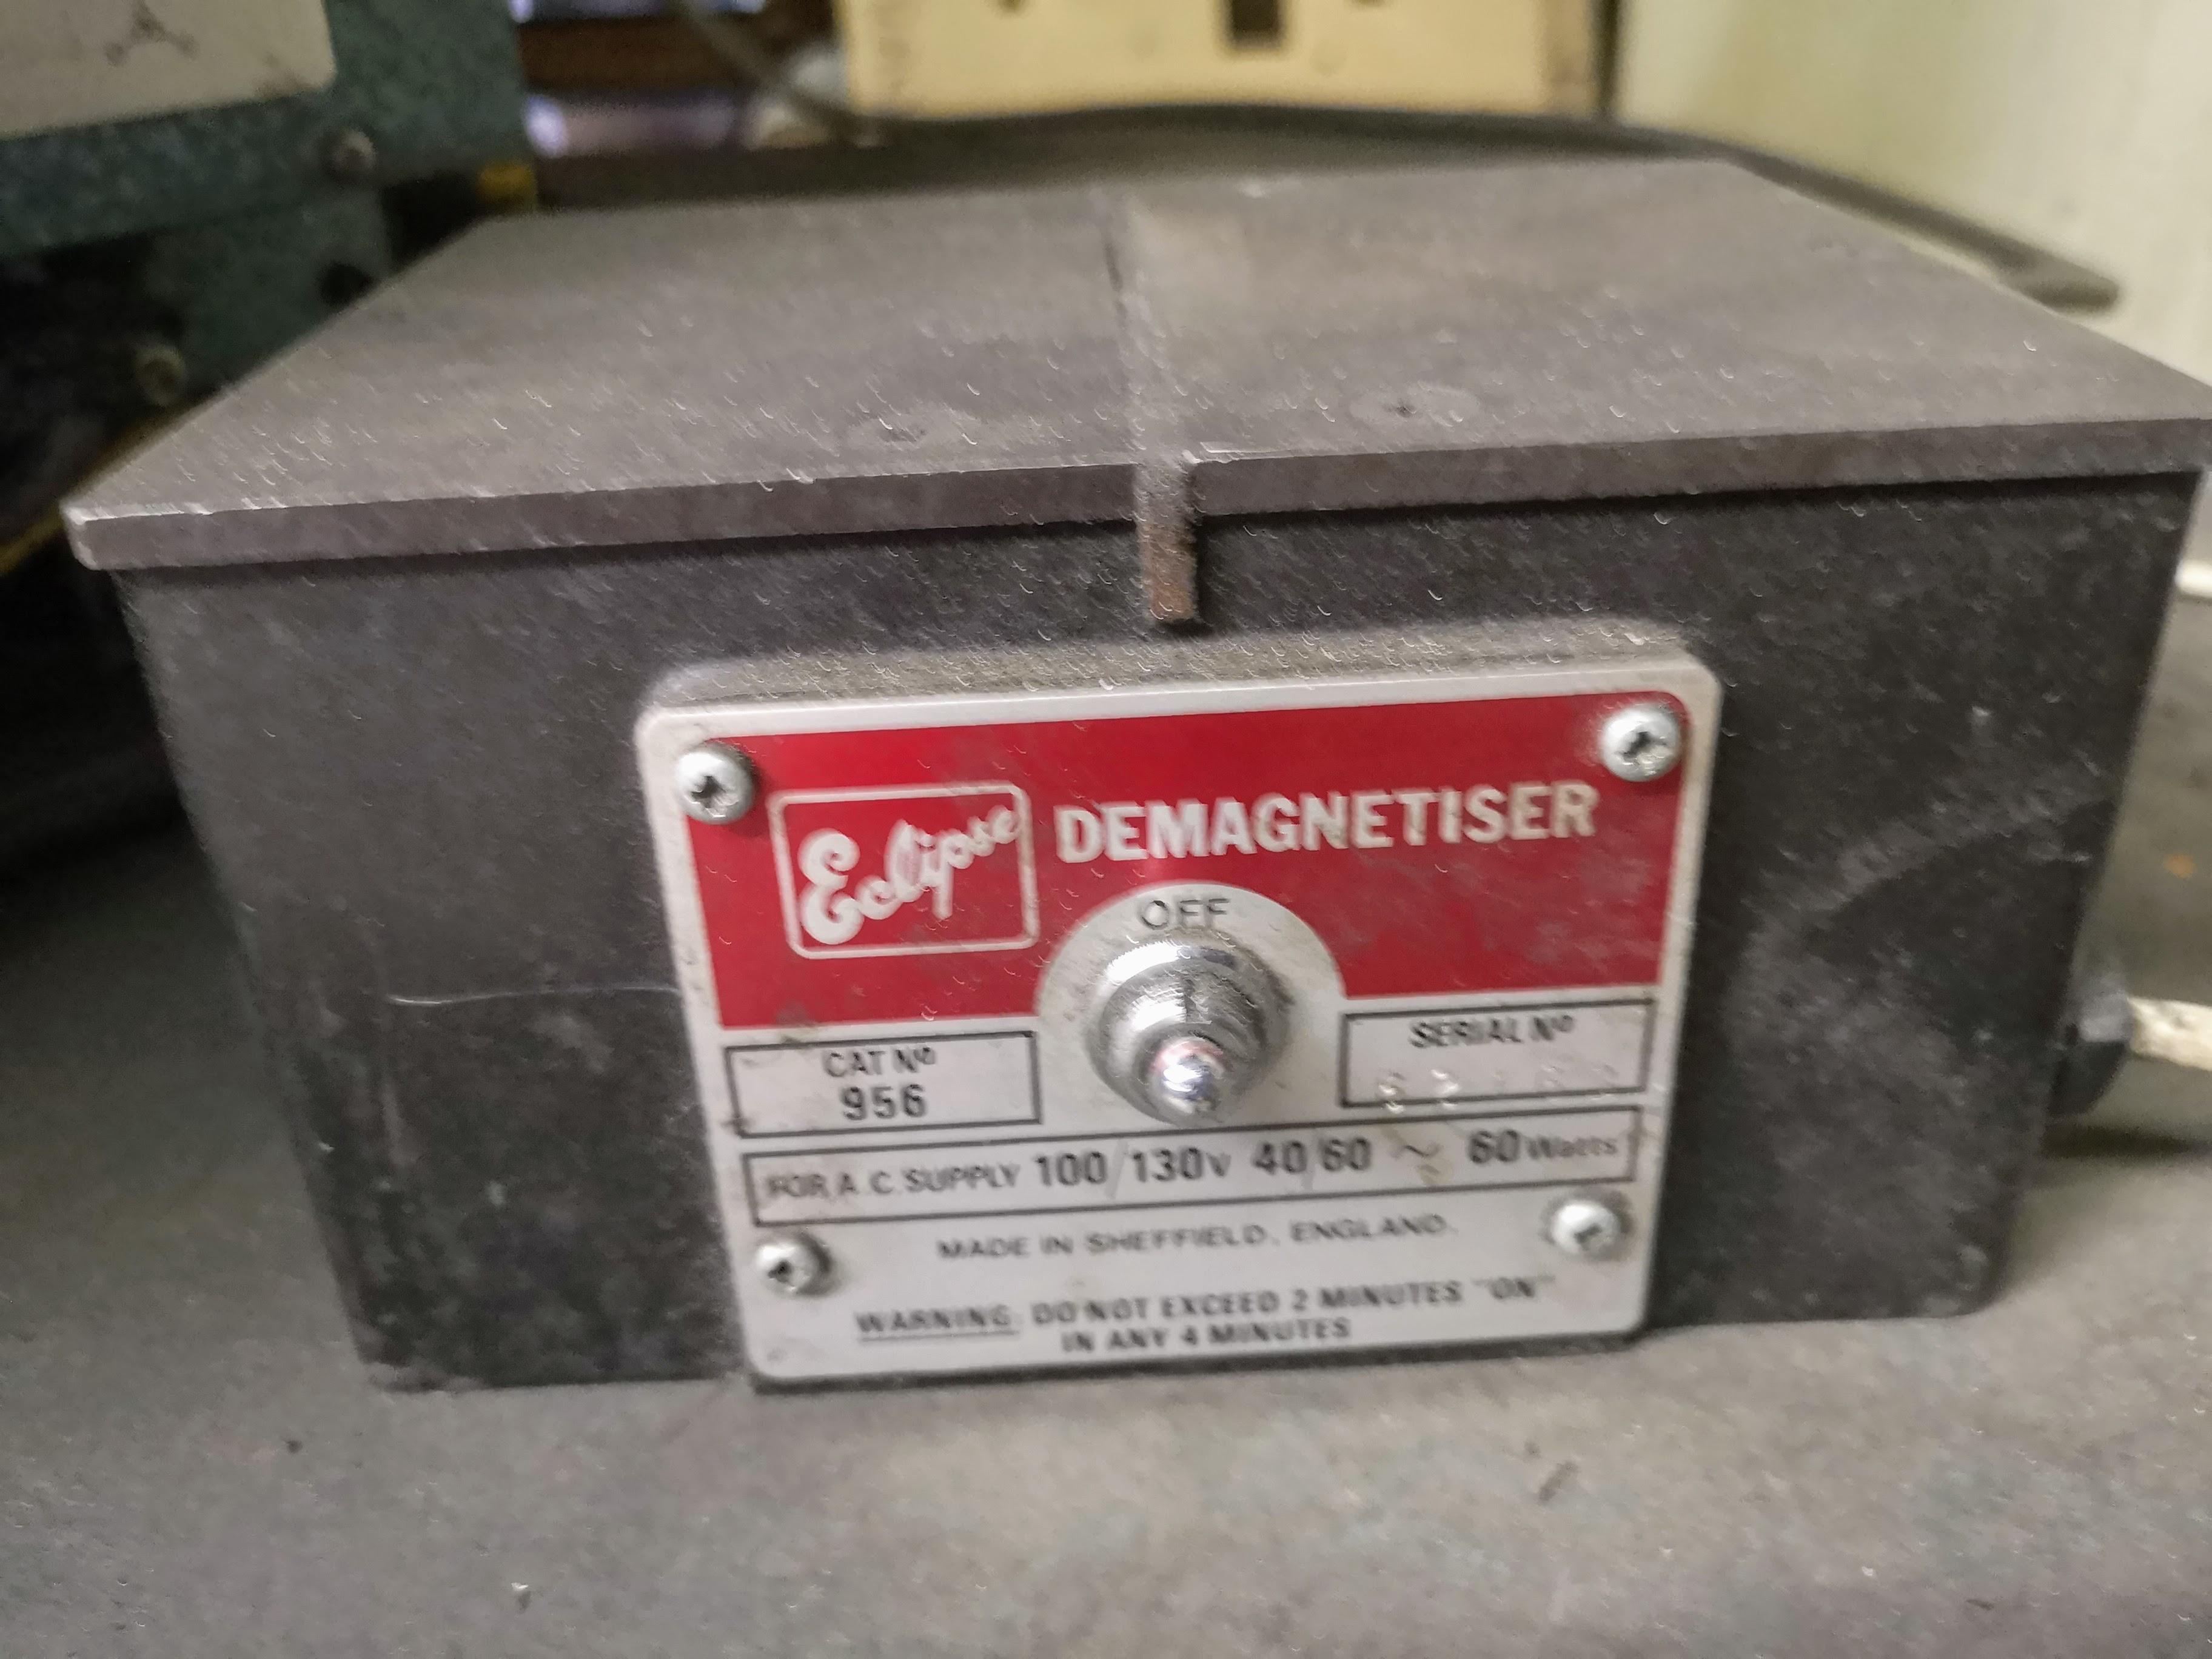 ECLIPSE 60 DEMAGNETISER - Image 2 of 2